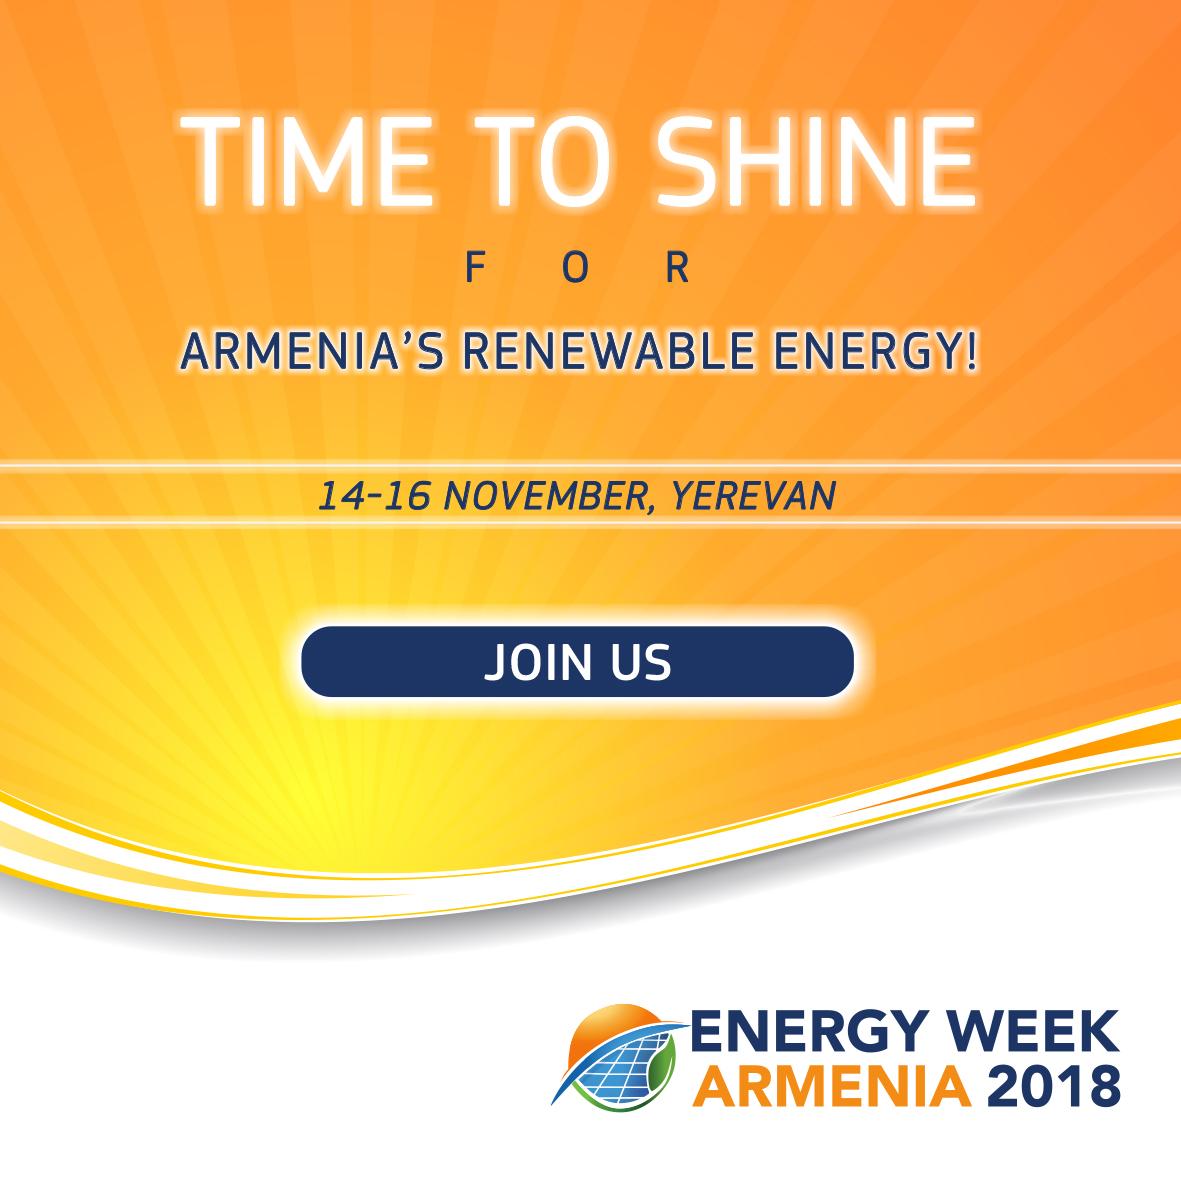 Էներգետիկայի շաբաթ 2018. Հայաստանում կանցկացվի ներդրումային համաժողով